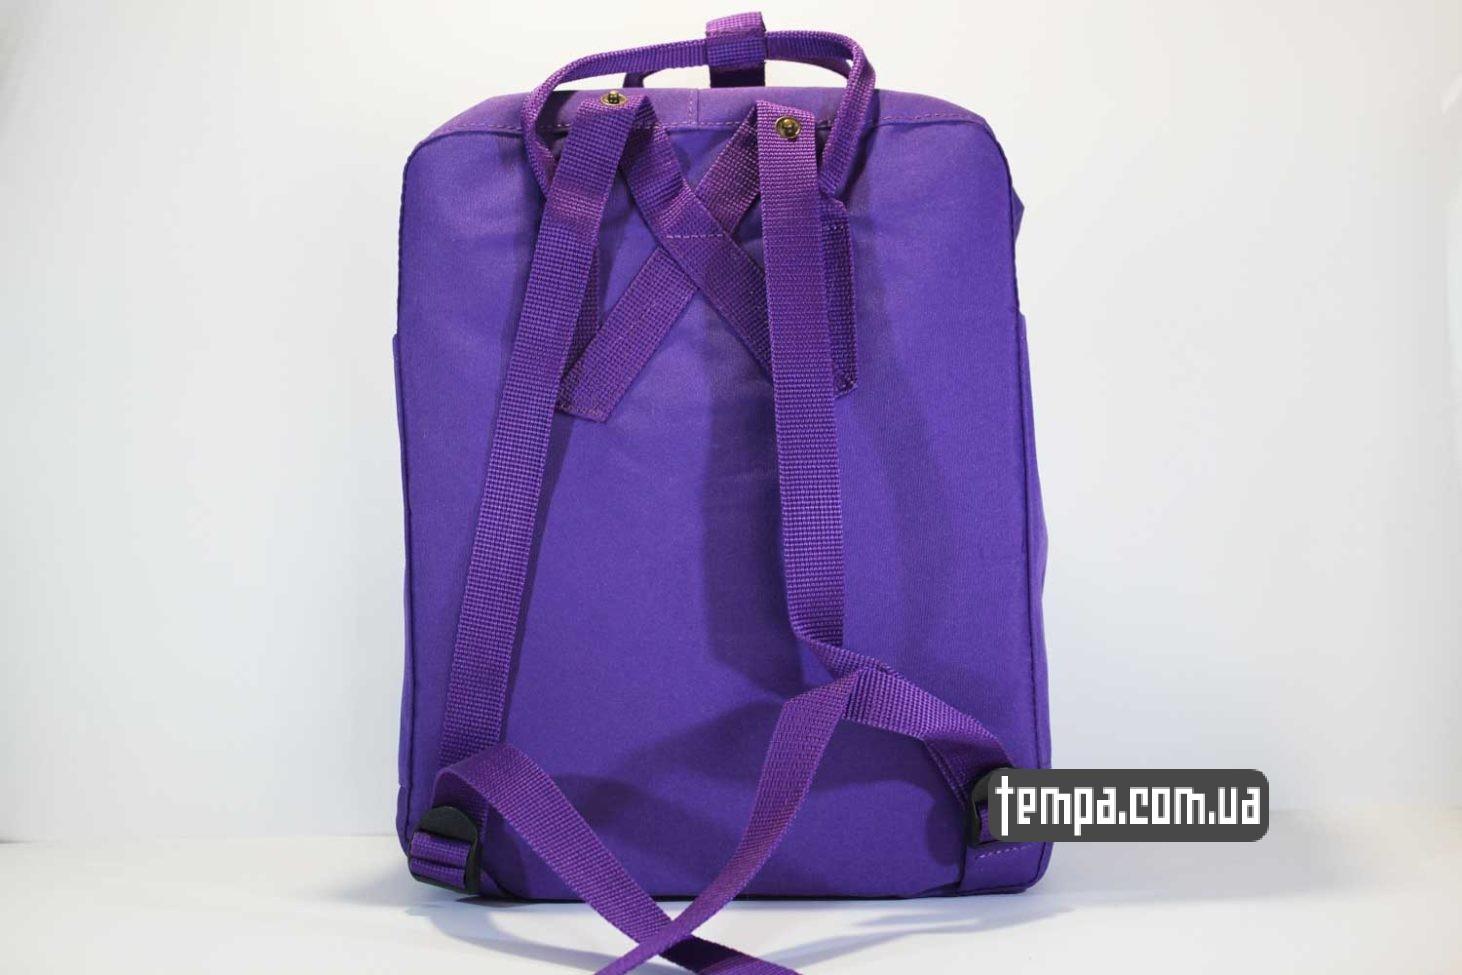 магазин рюкзаков Украина рюкзак re kanken fjallraven purple сиреневый фиолетовый